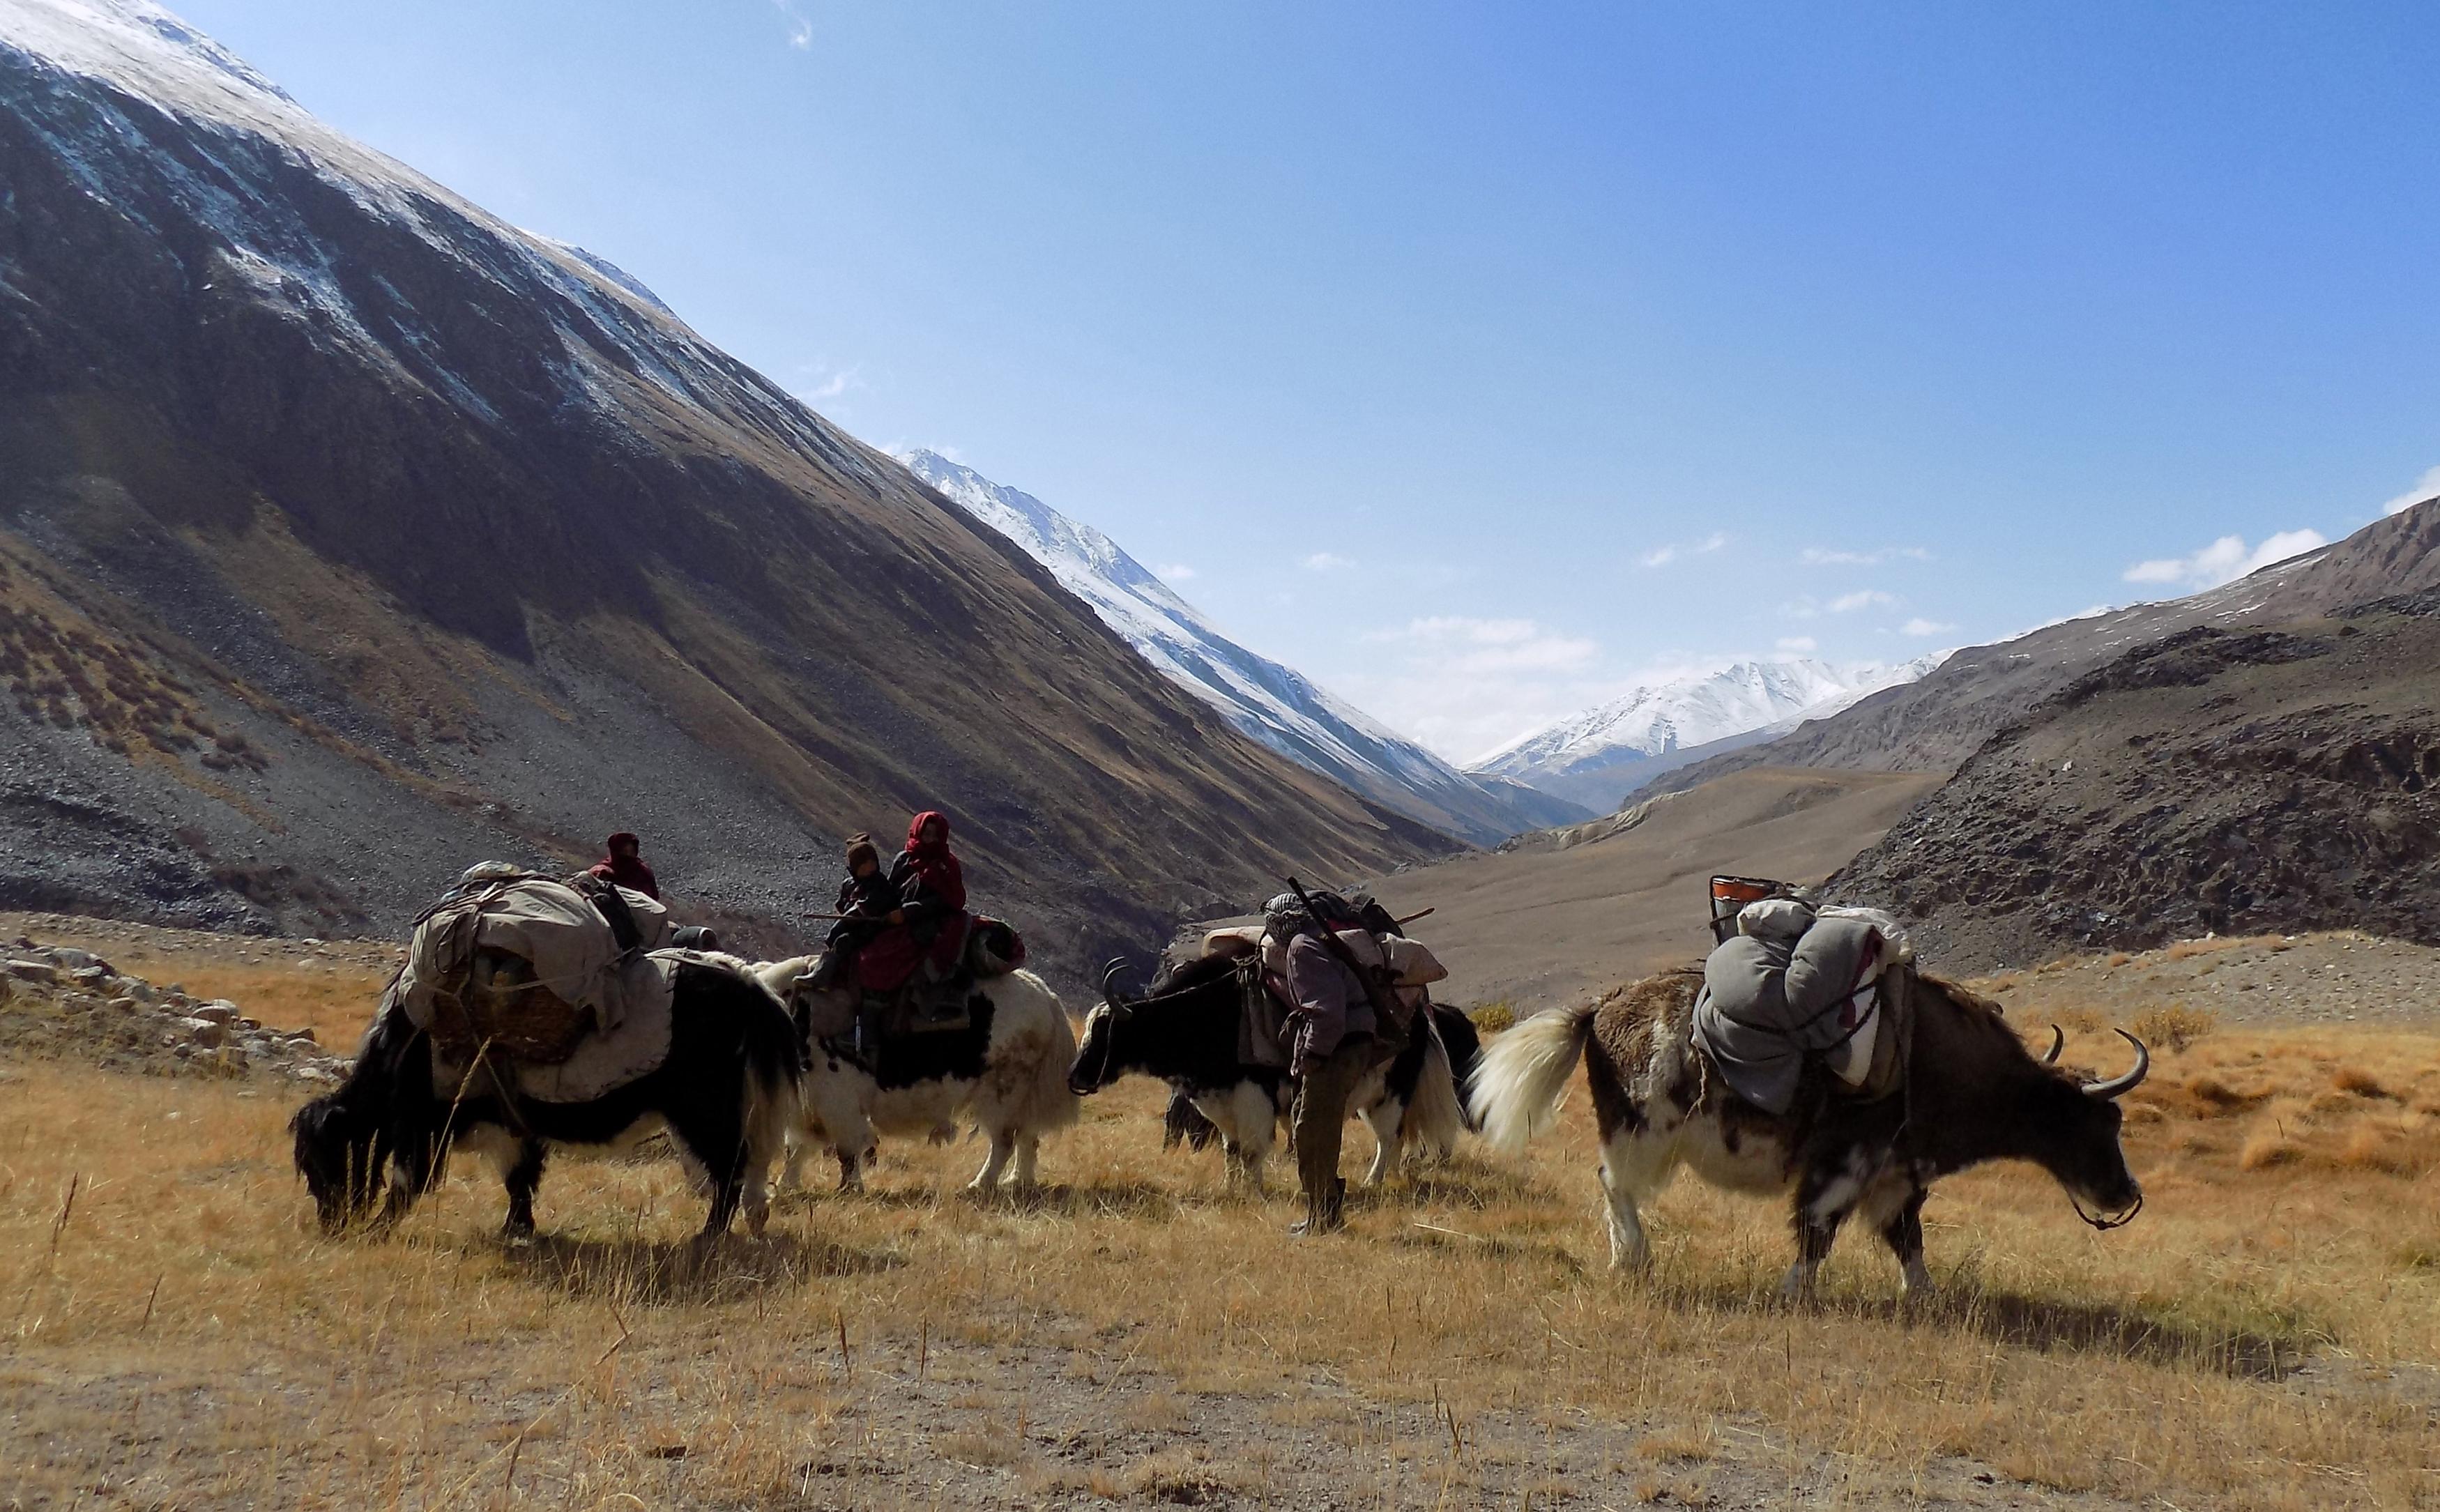 На этом фотоснимке от 7 октября показаны этнические кыргызские кочевые семьи, путешествующие на яках в Ваханском коридоре в Афганистане. [Гоар Аббас / АФП]